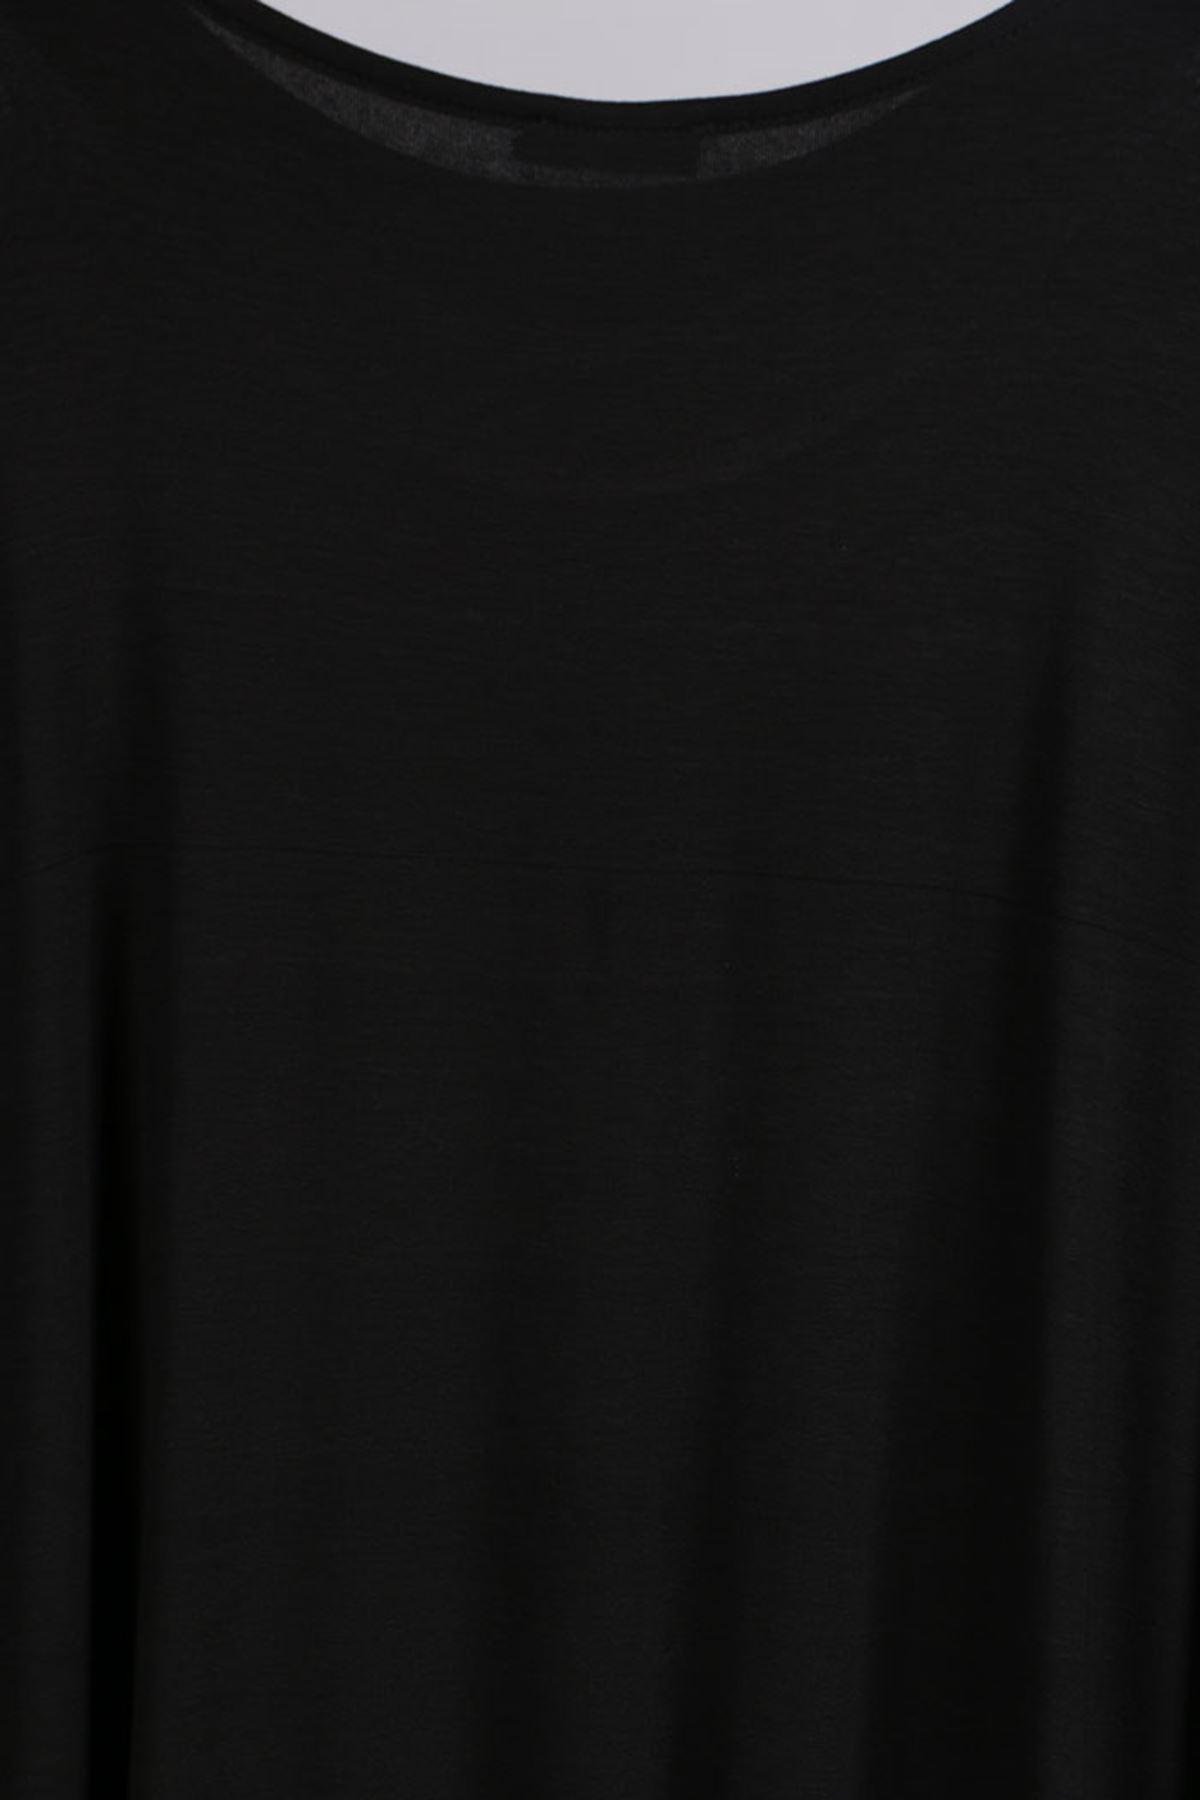 D-17211 Büyük Beden Defolu Taş Baskılı Penye Elbise- Siyah